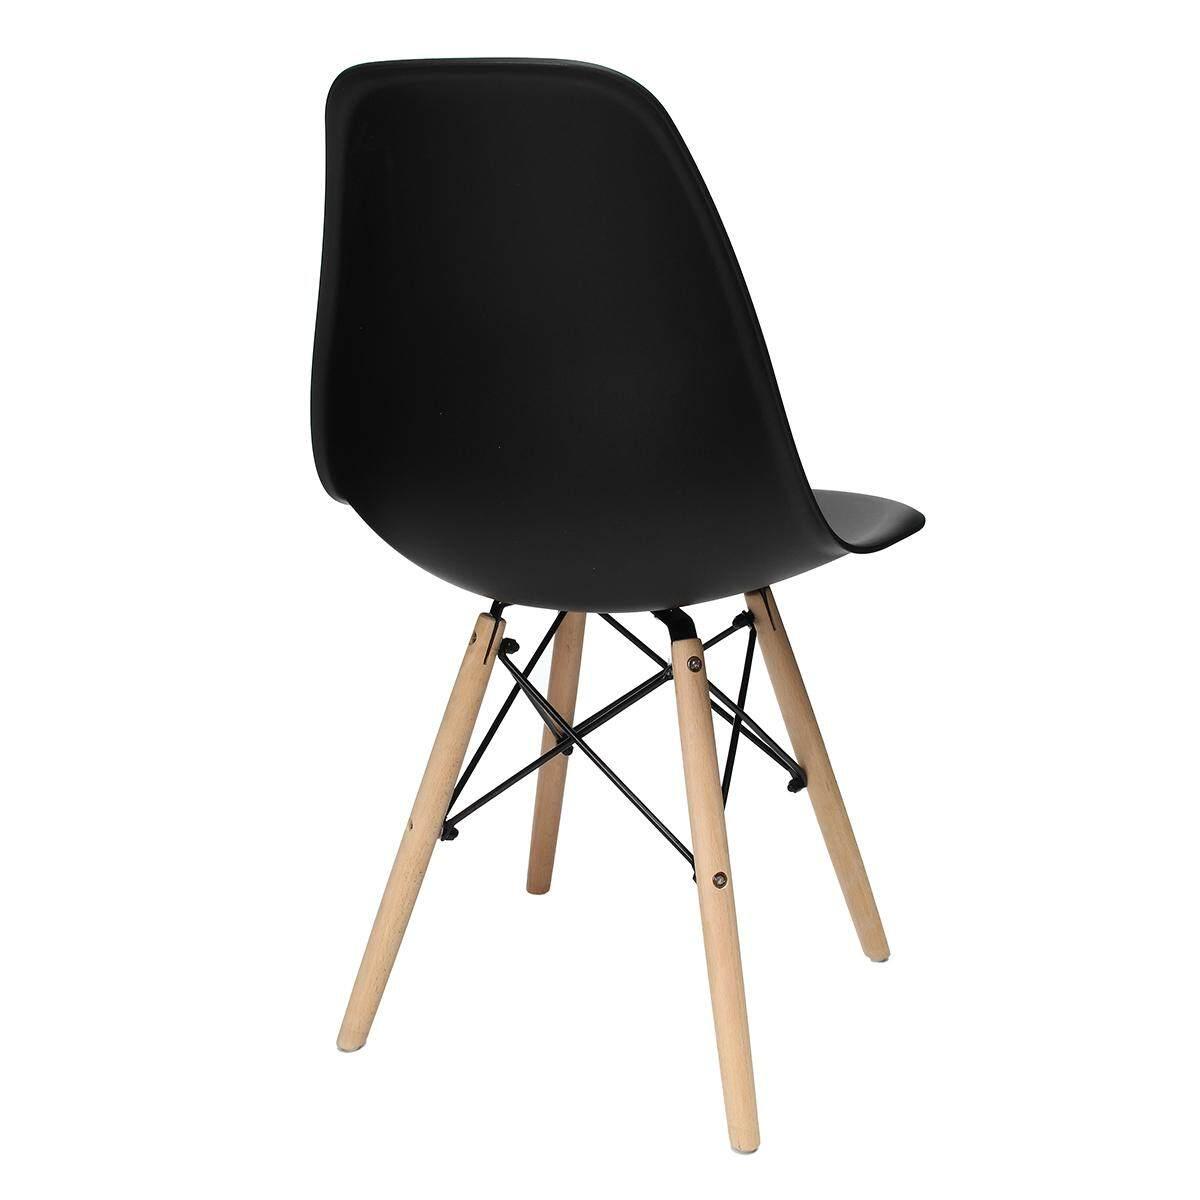 EIFFEL เก้าอี้รับประทานอาหาร  Retro Vintage สไตล์ Lounge ห้องรับประทานอาหาร - พลาสติก ABS ไม้สีดำ